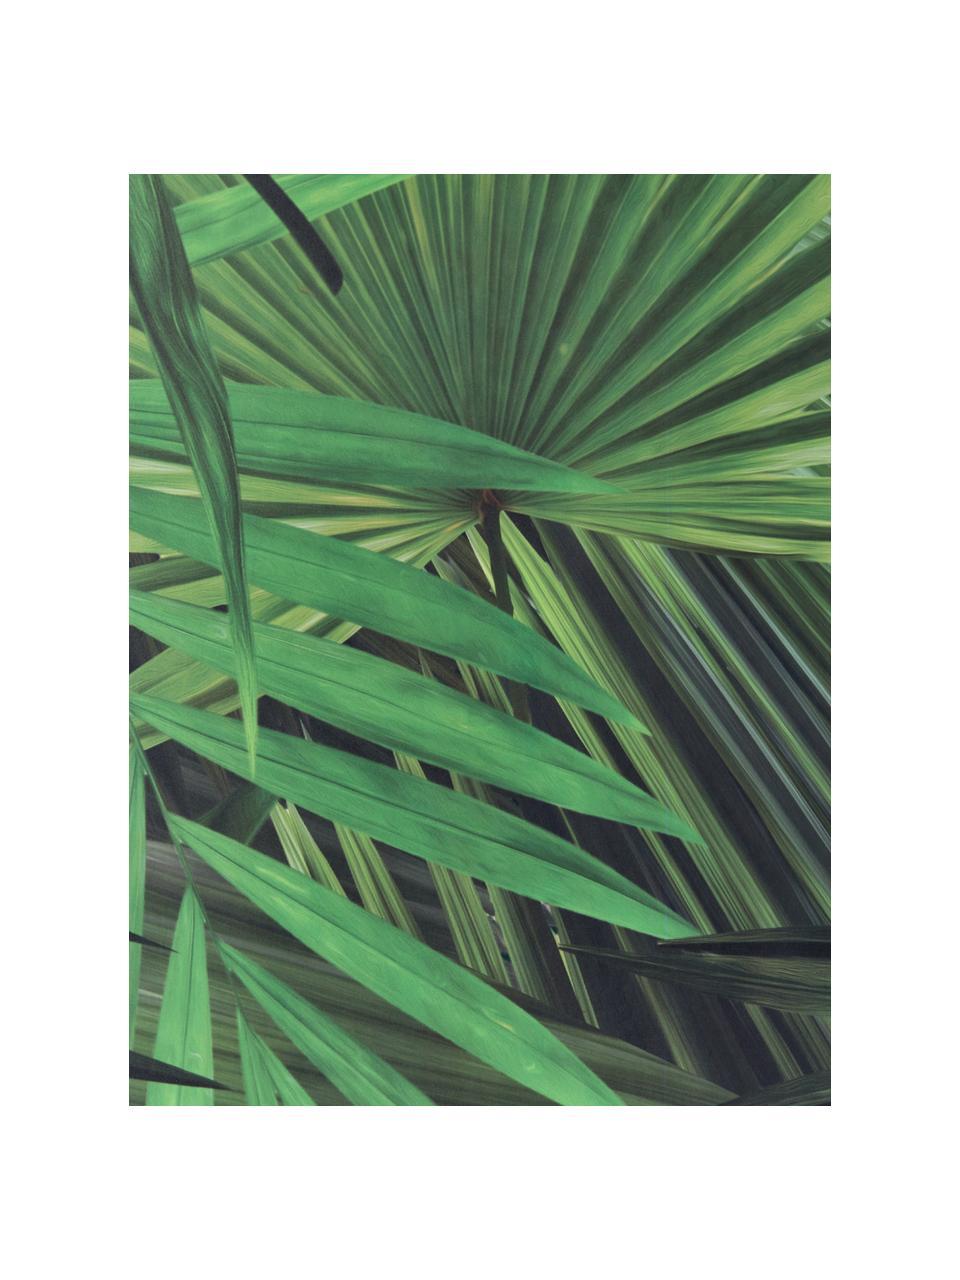 Tapeta Palm Leaves, Włóknina, przyjazna dla środowiska i biodegradowalna, Zielony, 98 x 280 cm